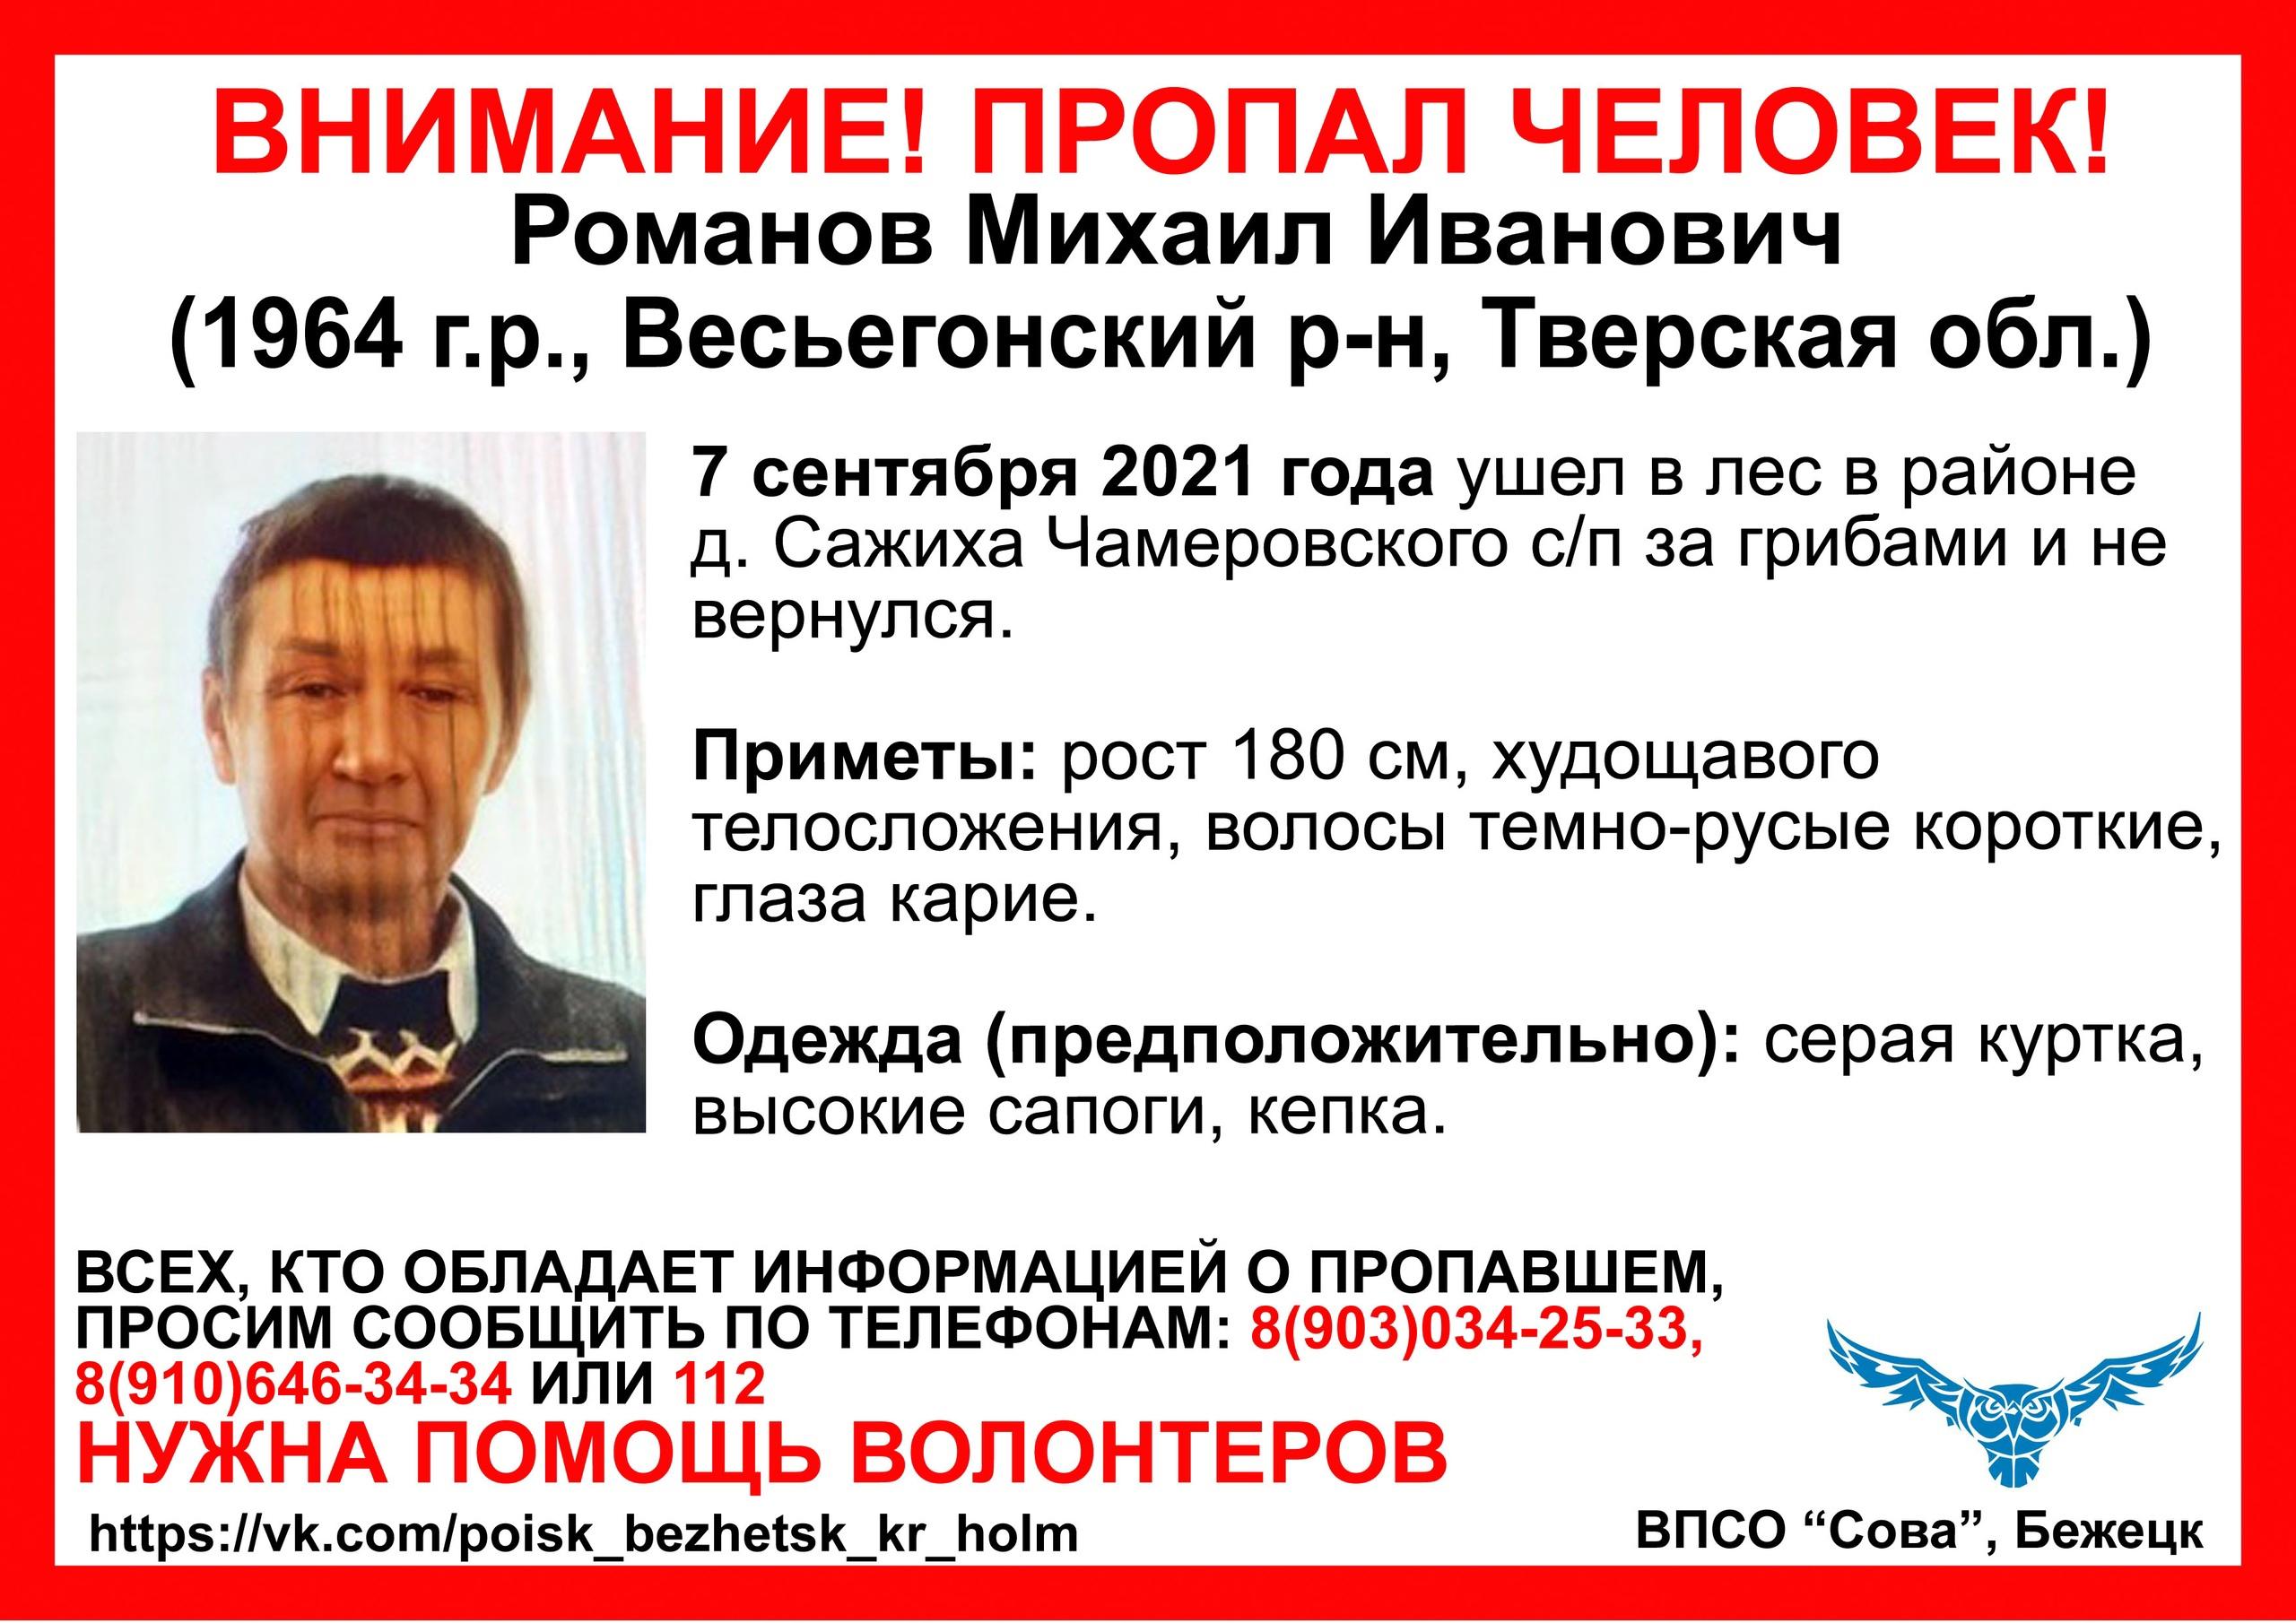 Почти неделю в Тверской области не могут найти грибника